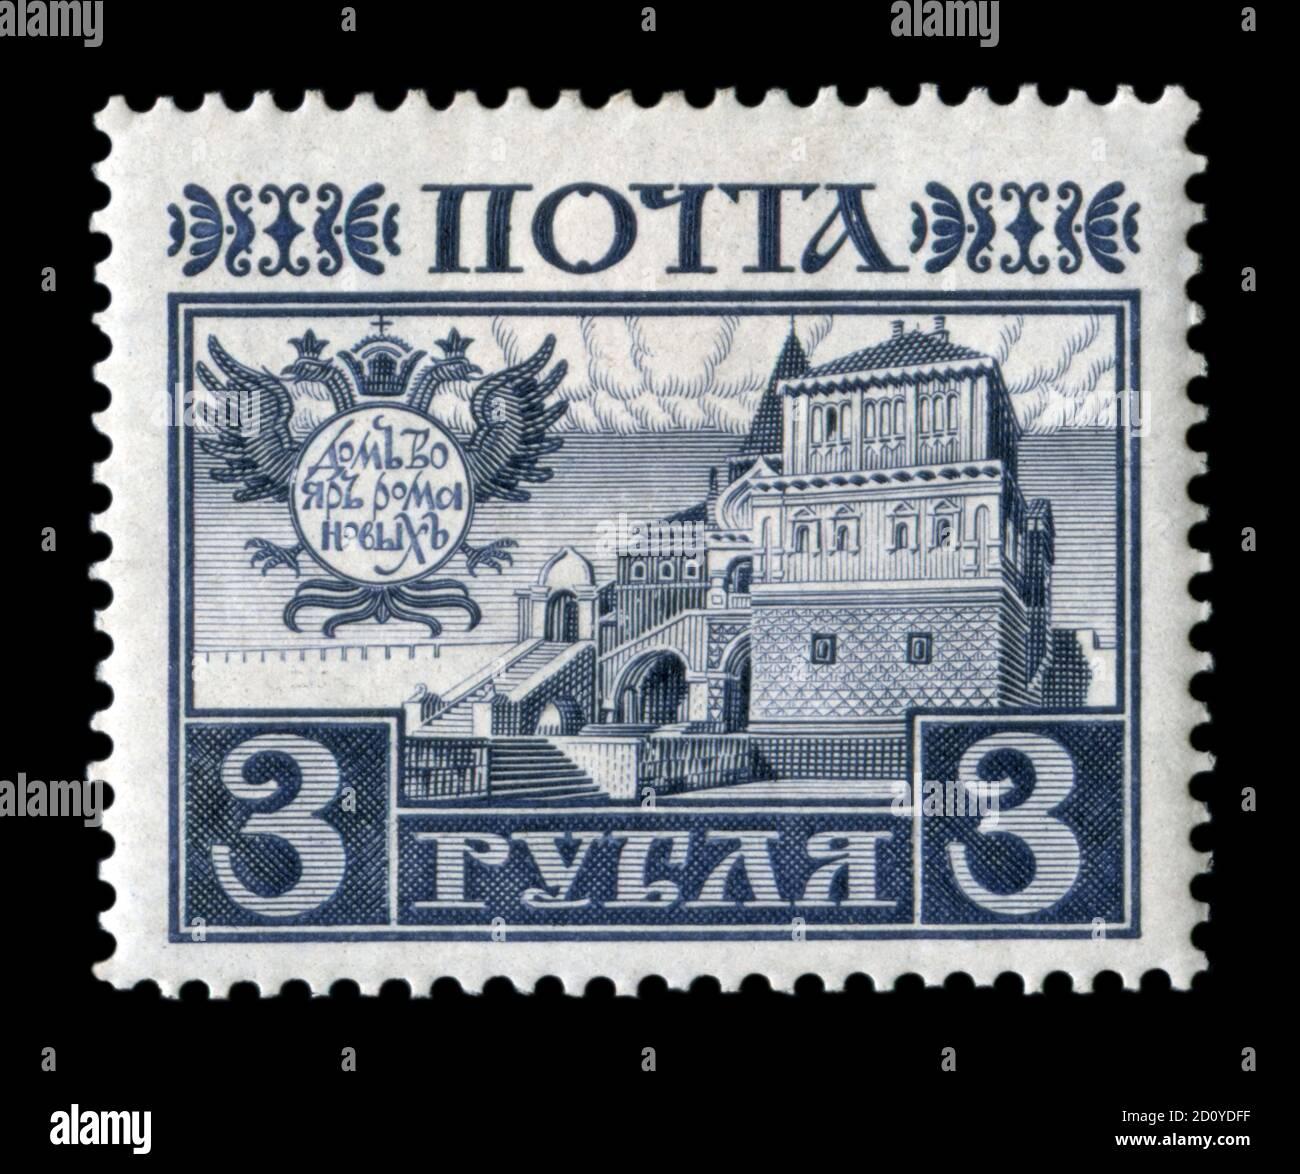 Timbre-poste historique russe : 300e anniversaire de la maison de Romanov. Dynastie tsariste de l'Empire russe, maison des garçons Romanov, 1913 Banque D'Images